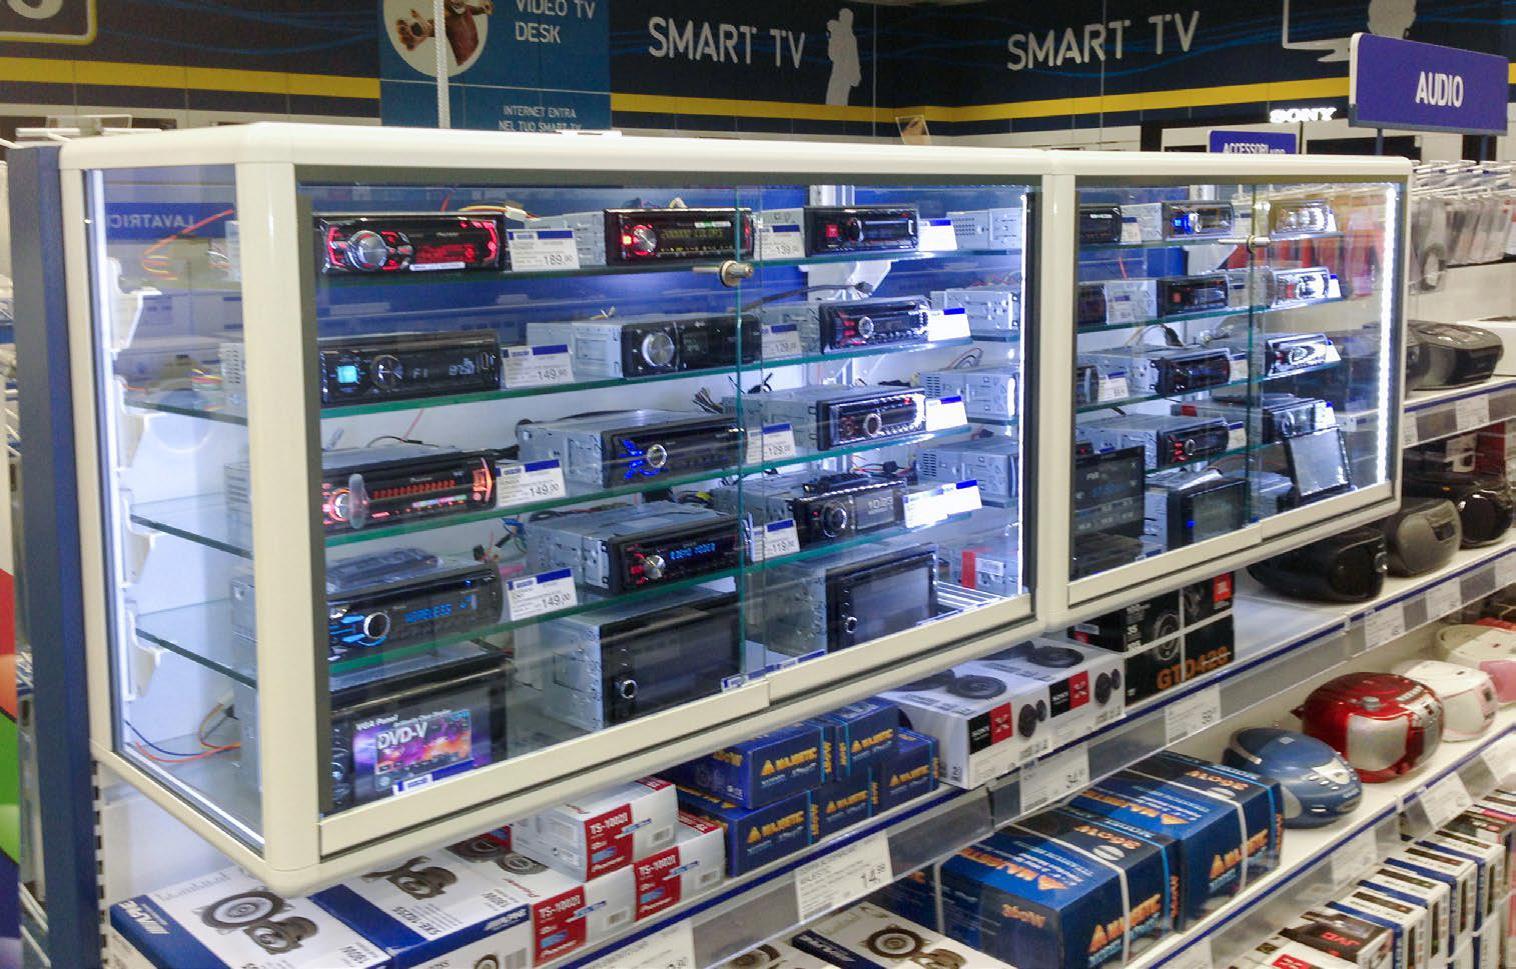 espositore arredamento negozio elettronica